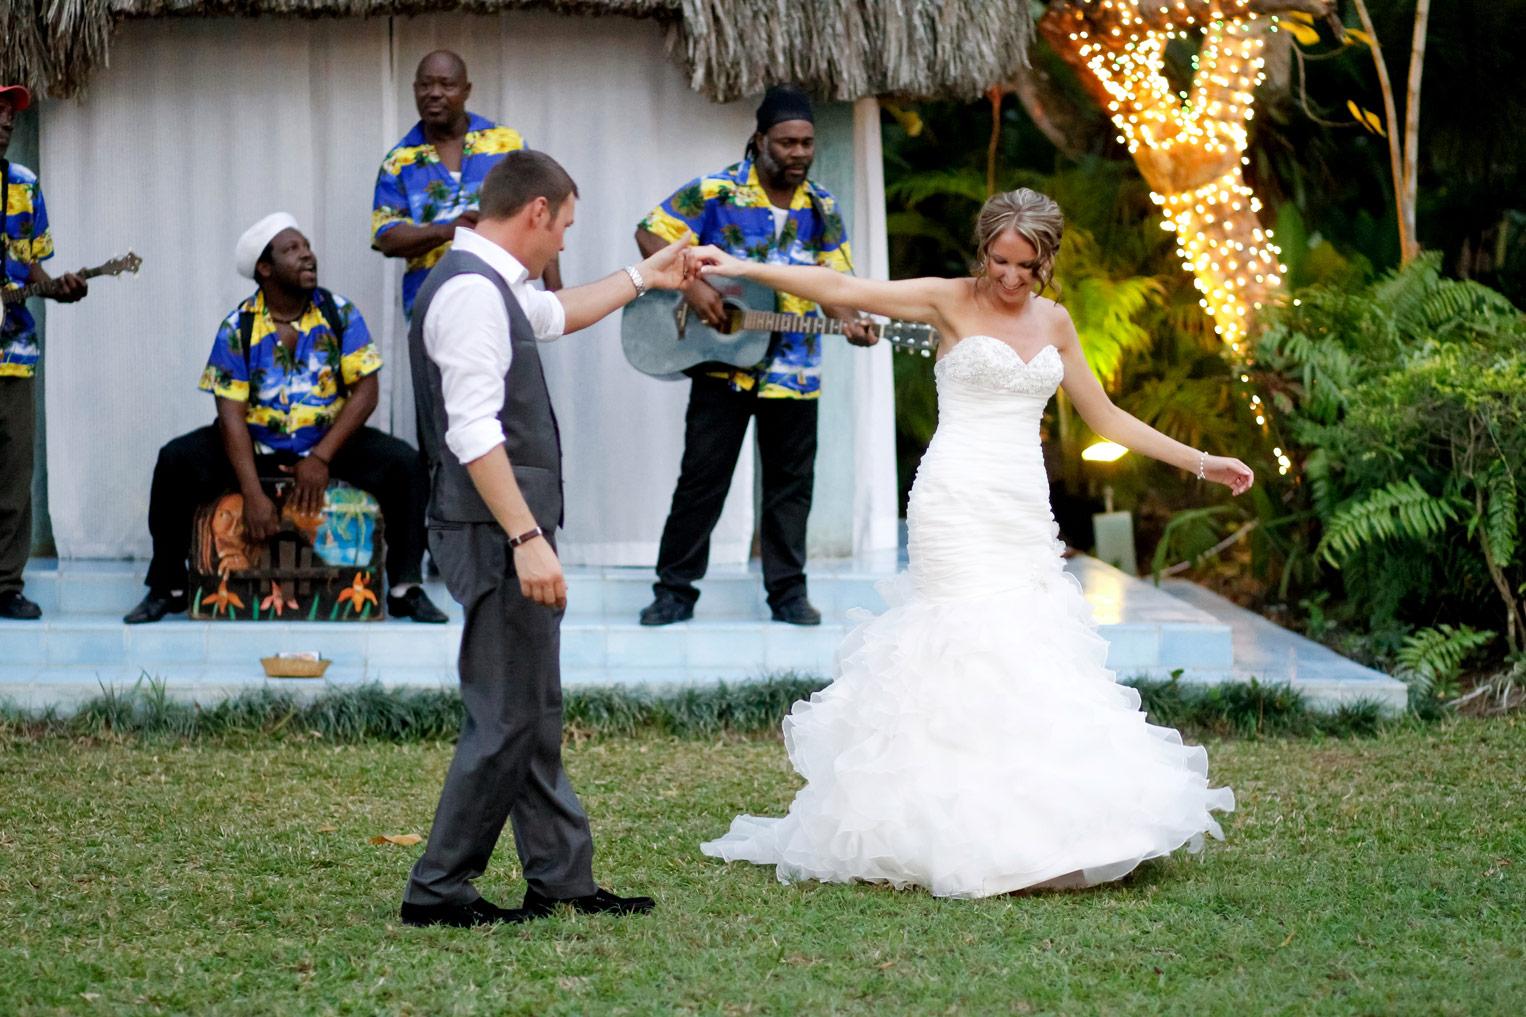 jamaica-milwaukee-destination-wedding-ruthie-hauge-photography-54.jpg